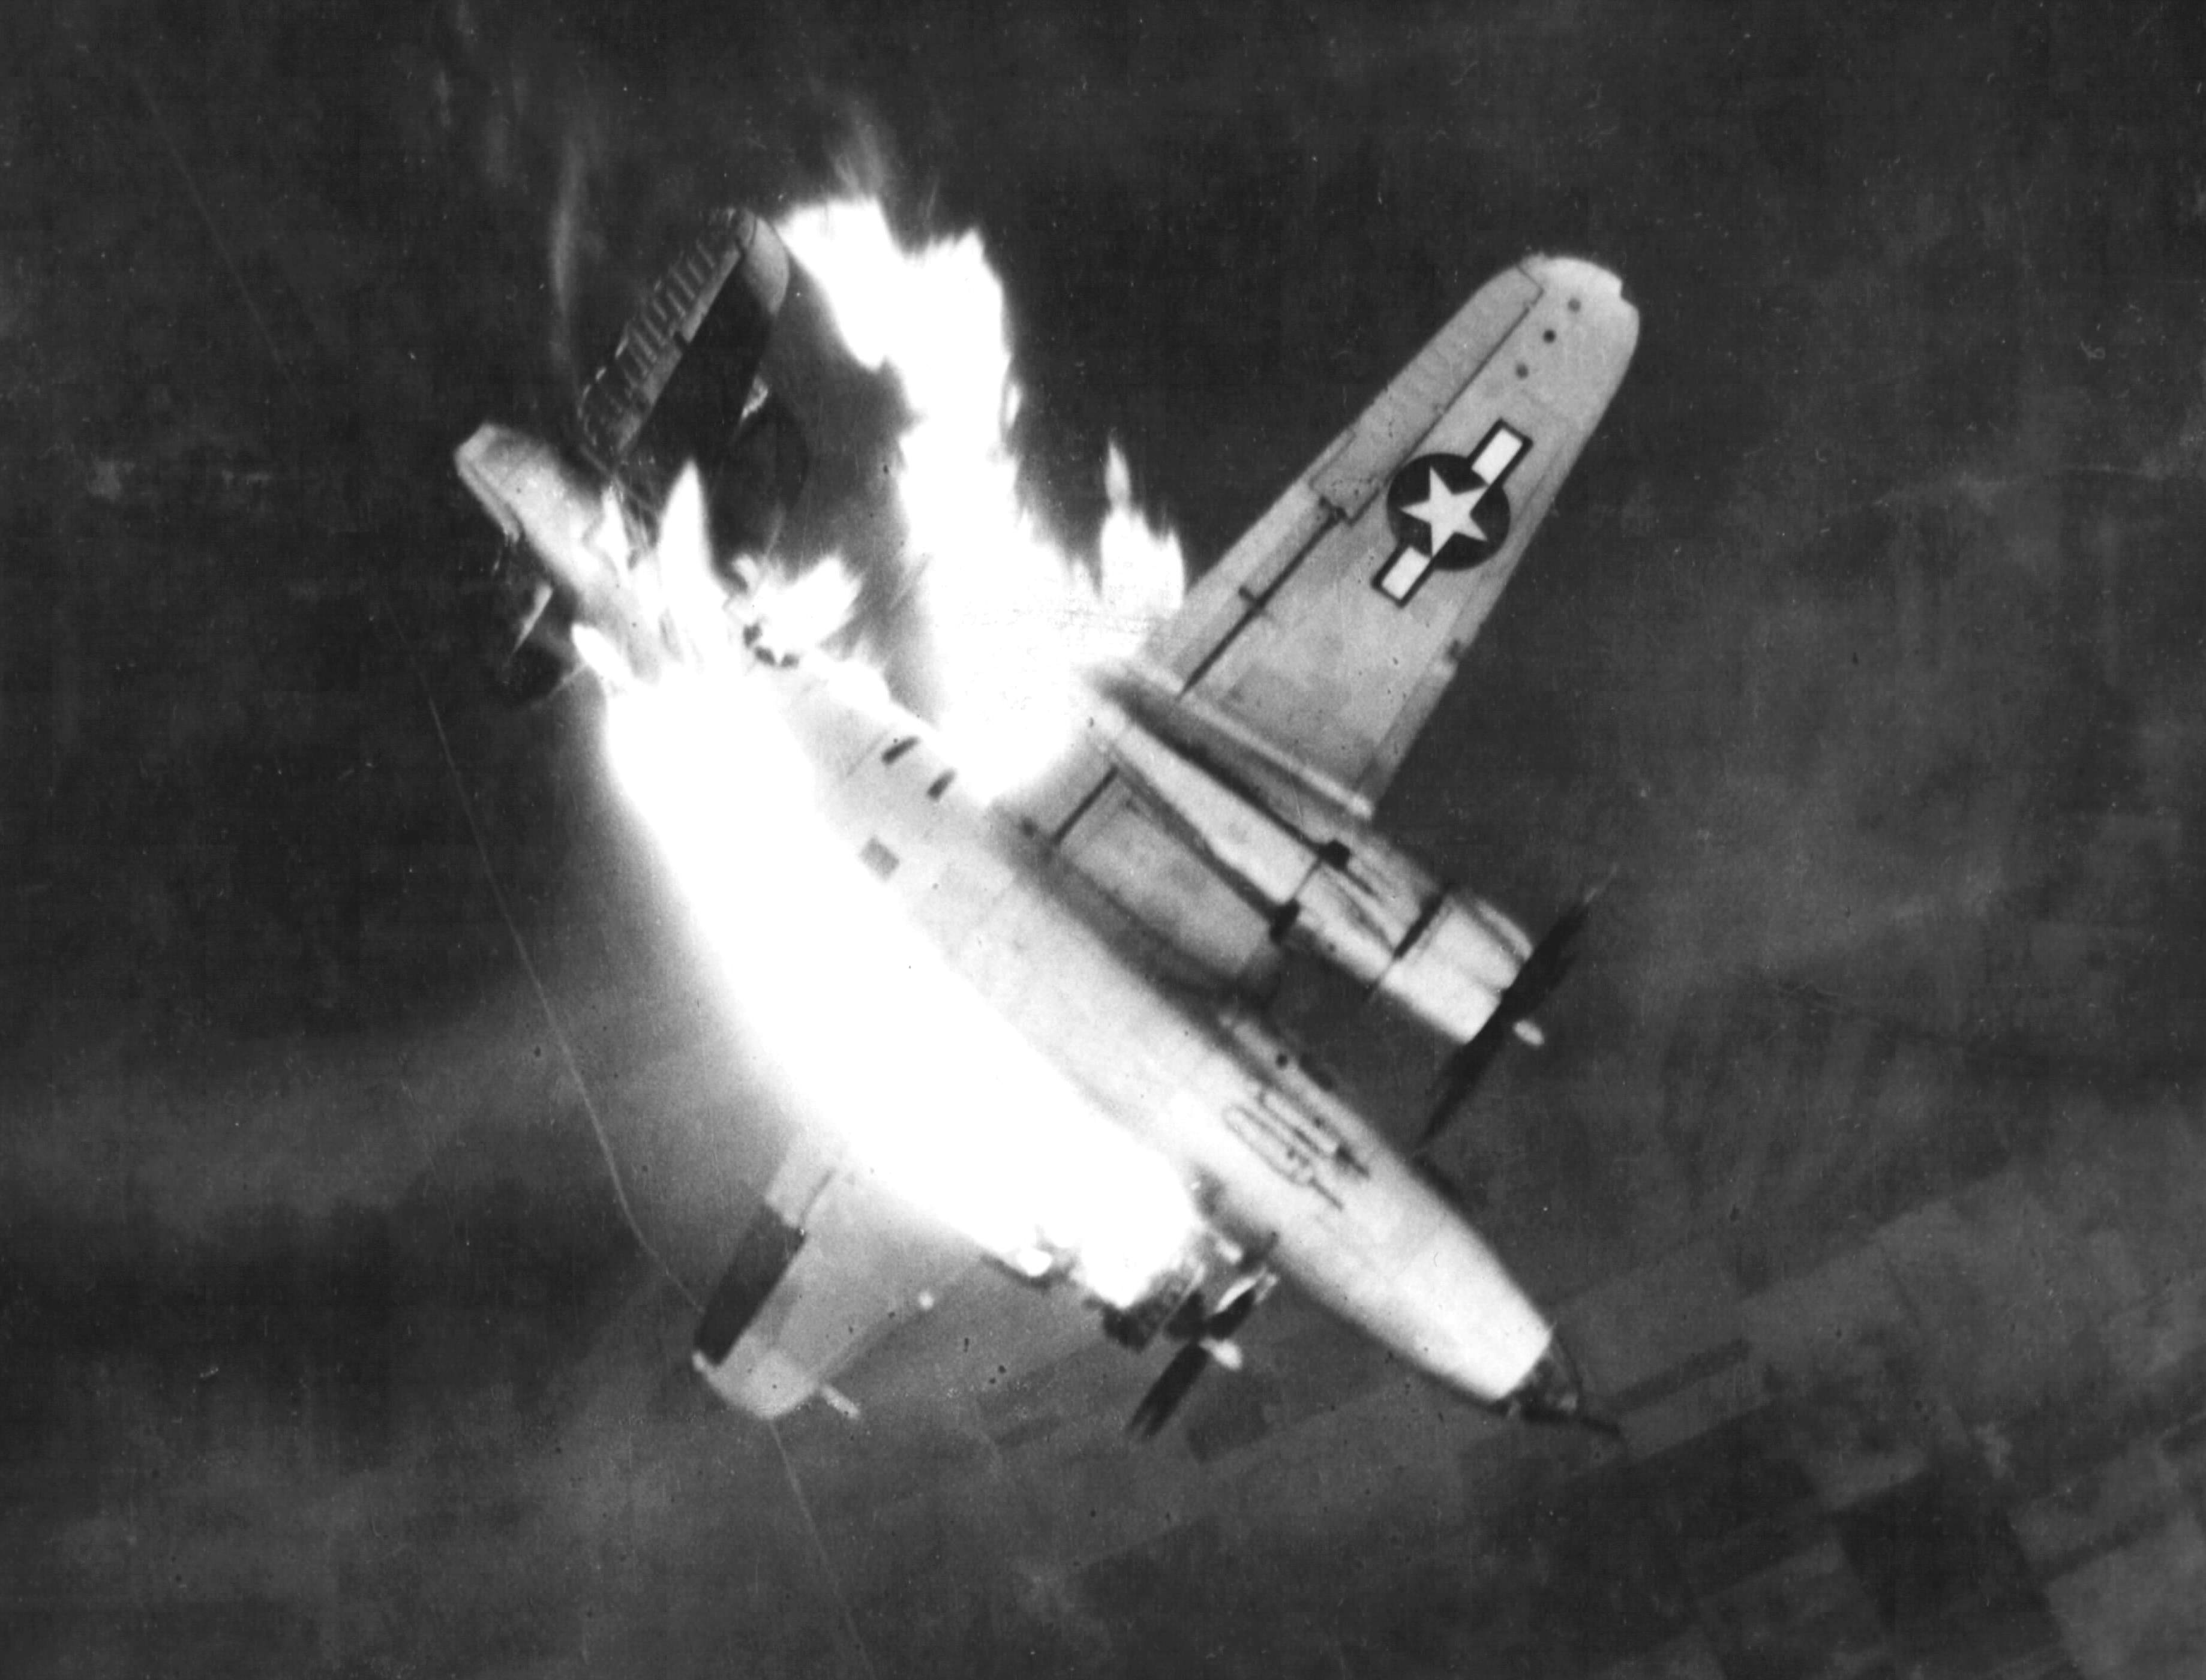 B 26 Marauder being shot down cph.3a45221 - Le B-26G-11-MA Marauder (s/n 43-34565) du 497th Bombardment Squadron, 344th Bombardment Group, 9th Air Force, en flammes après avoir reçu un coup direct par la Flak. Mission de bombardement des lignes de communication ennemies à Erkelenz, Allemagne